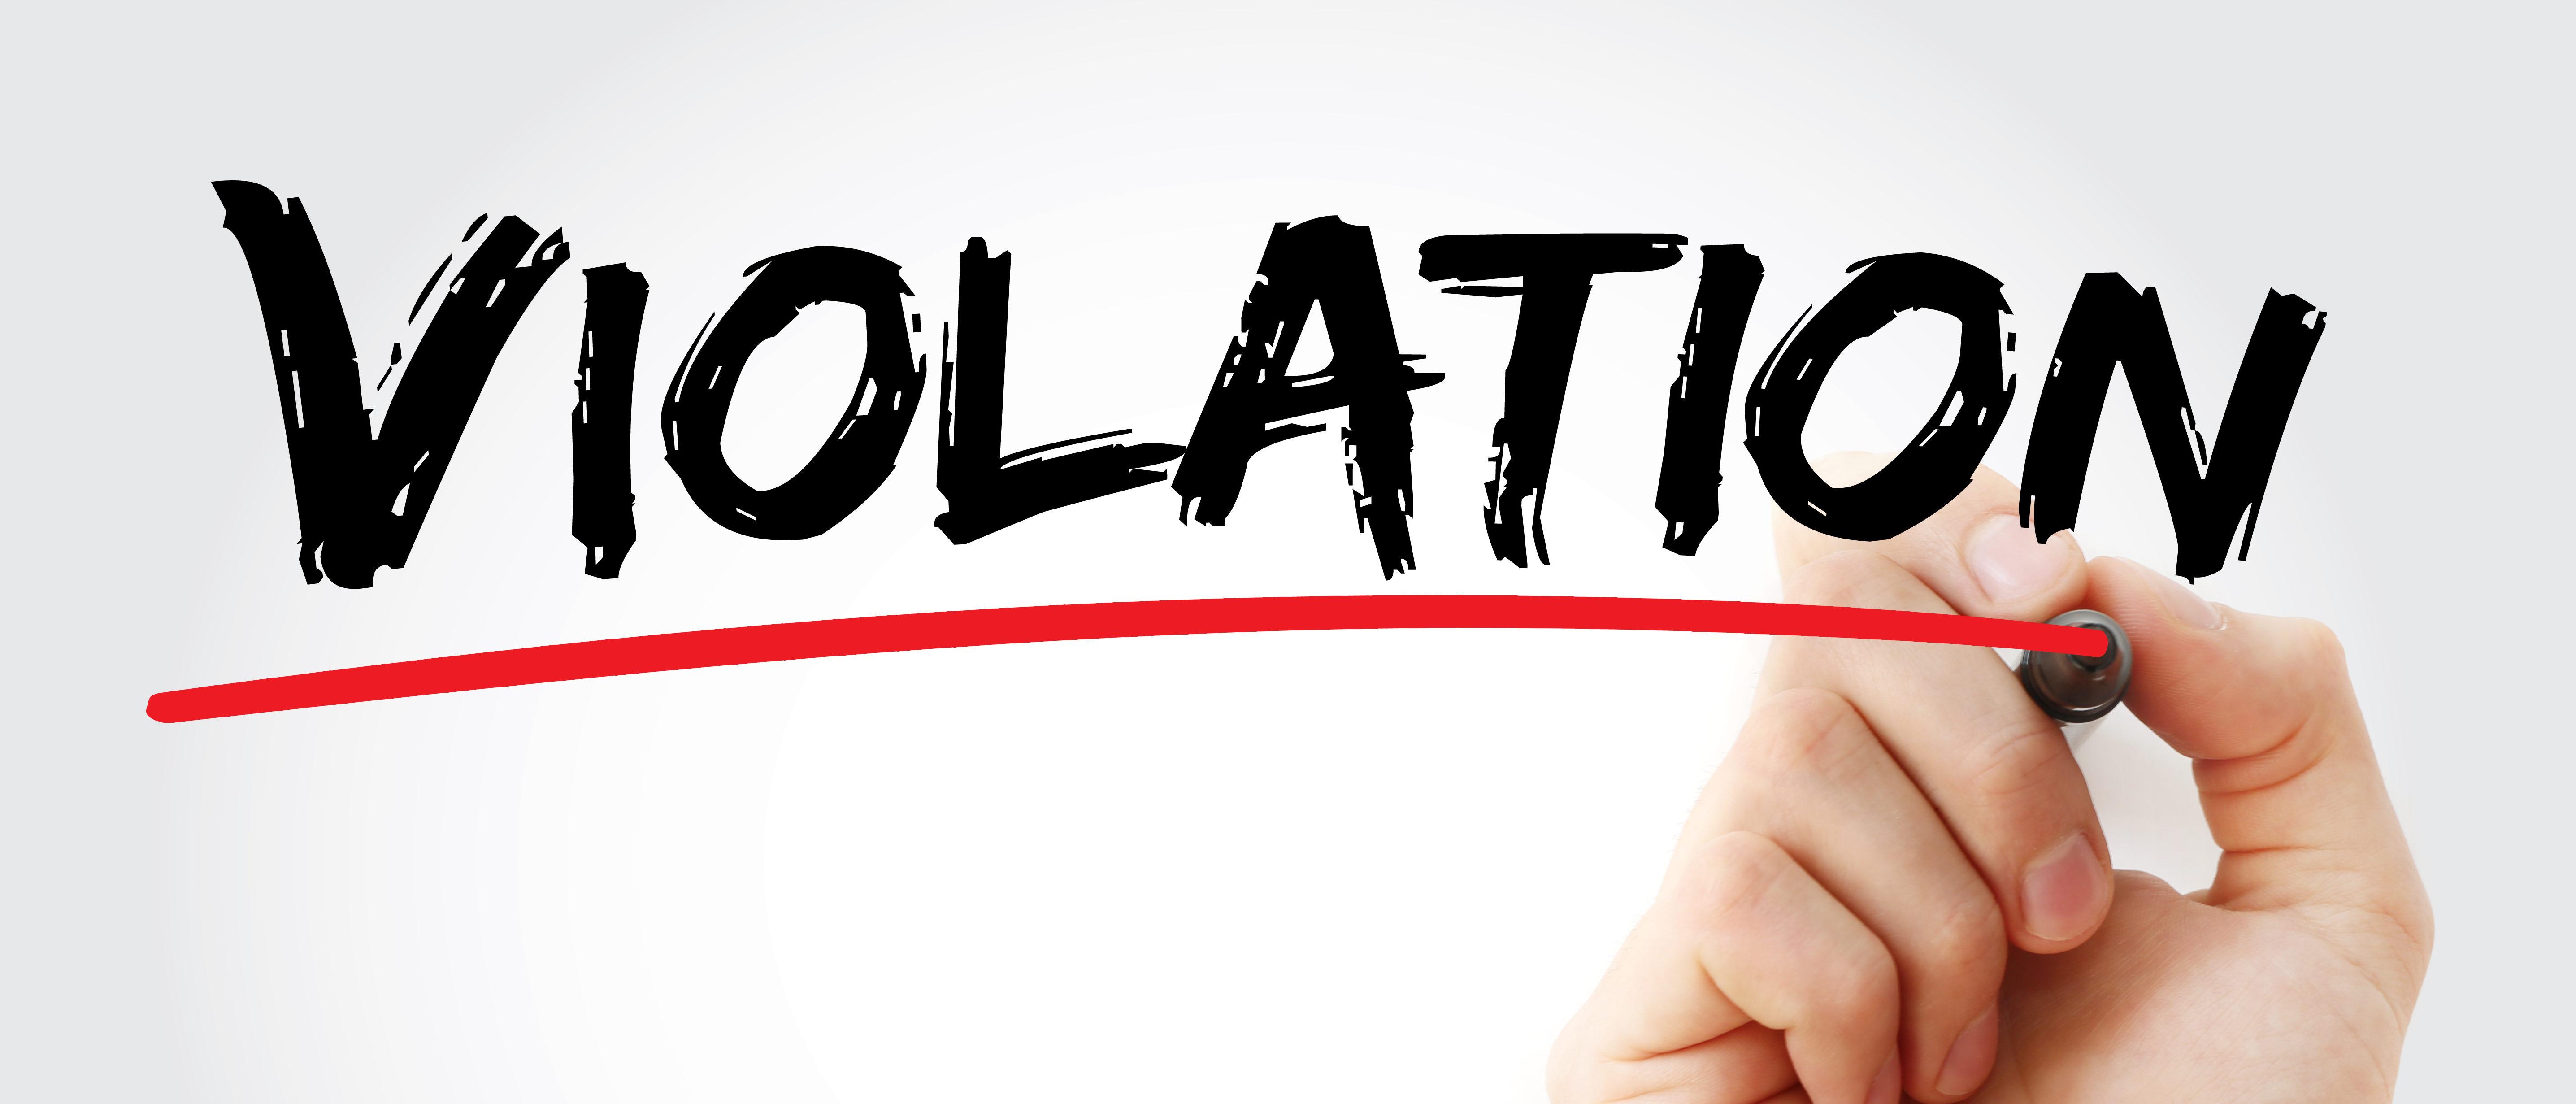 VIolation with line drawn under (Shutterstock/dizain)